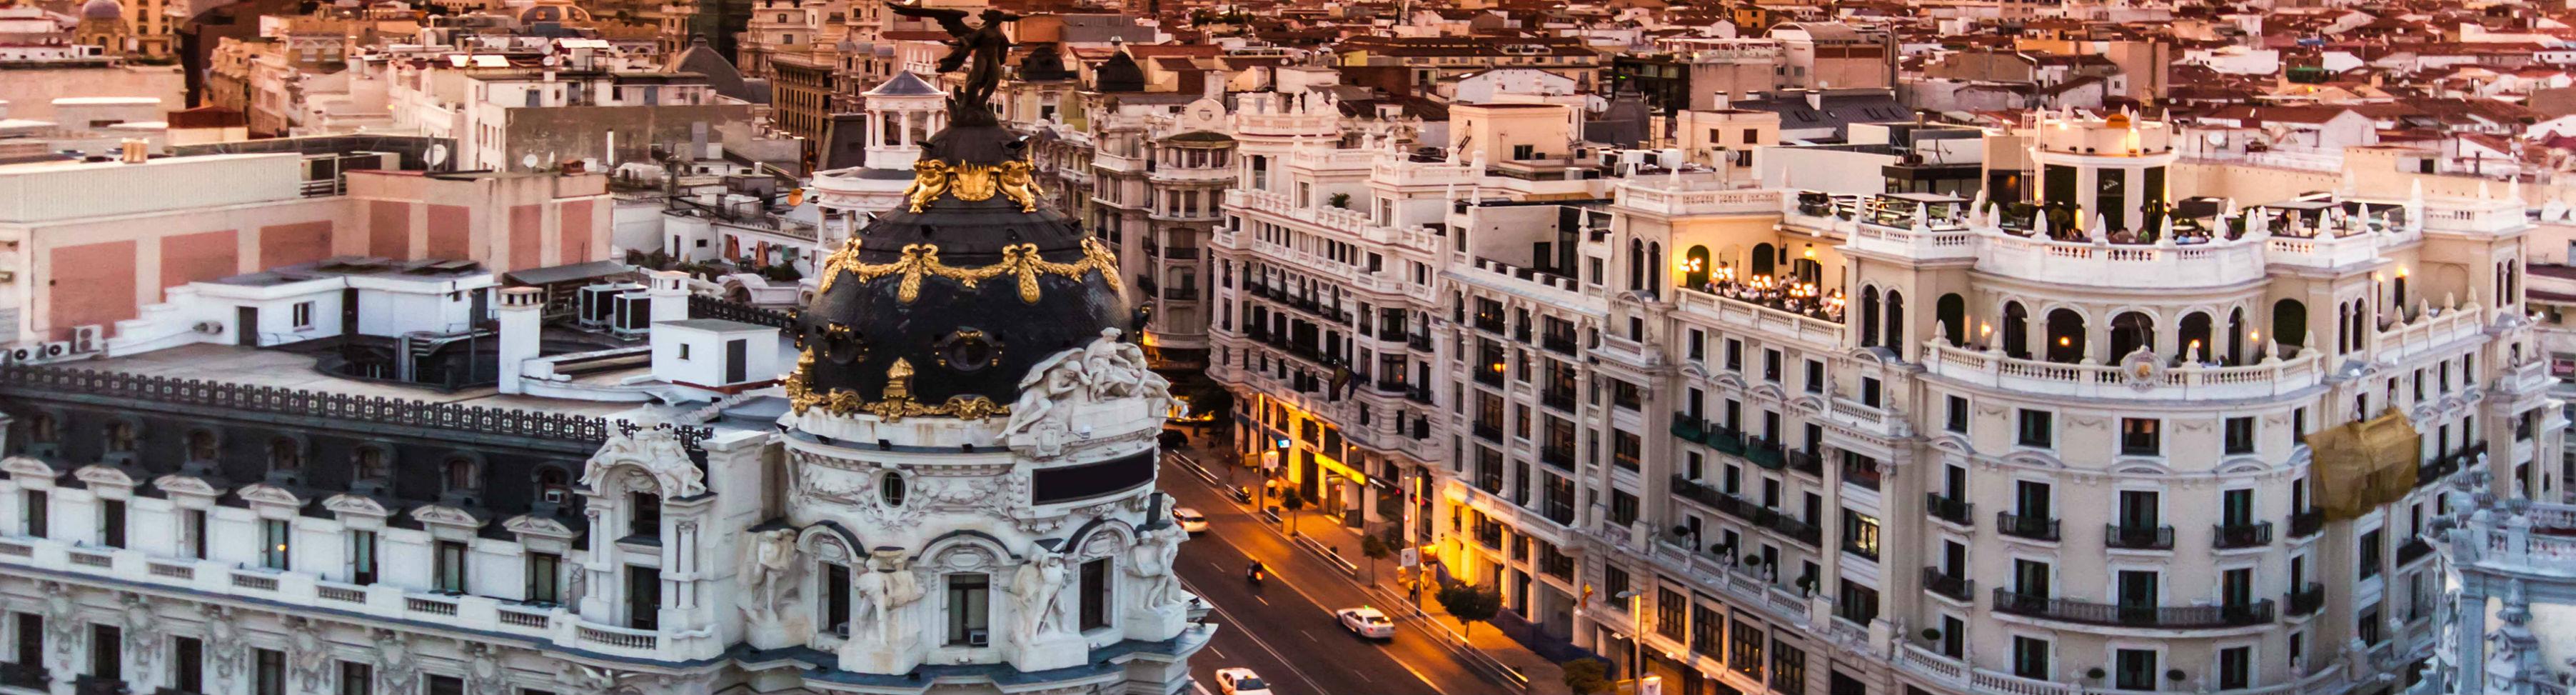 MADRID AVIONOM PUTOVANJE - USKRS / PRVI MAJ CENE LAST MINUTE PONUDA